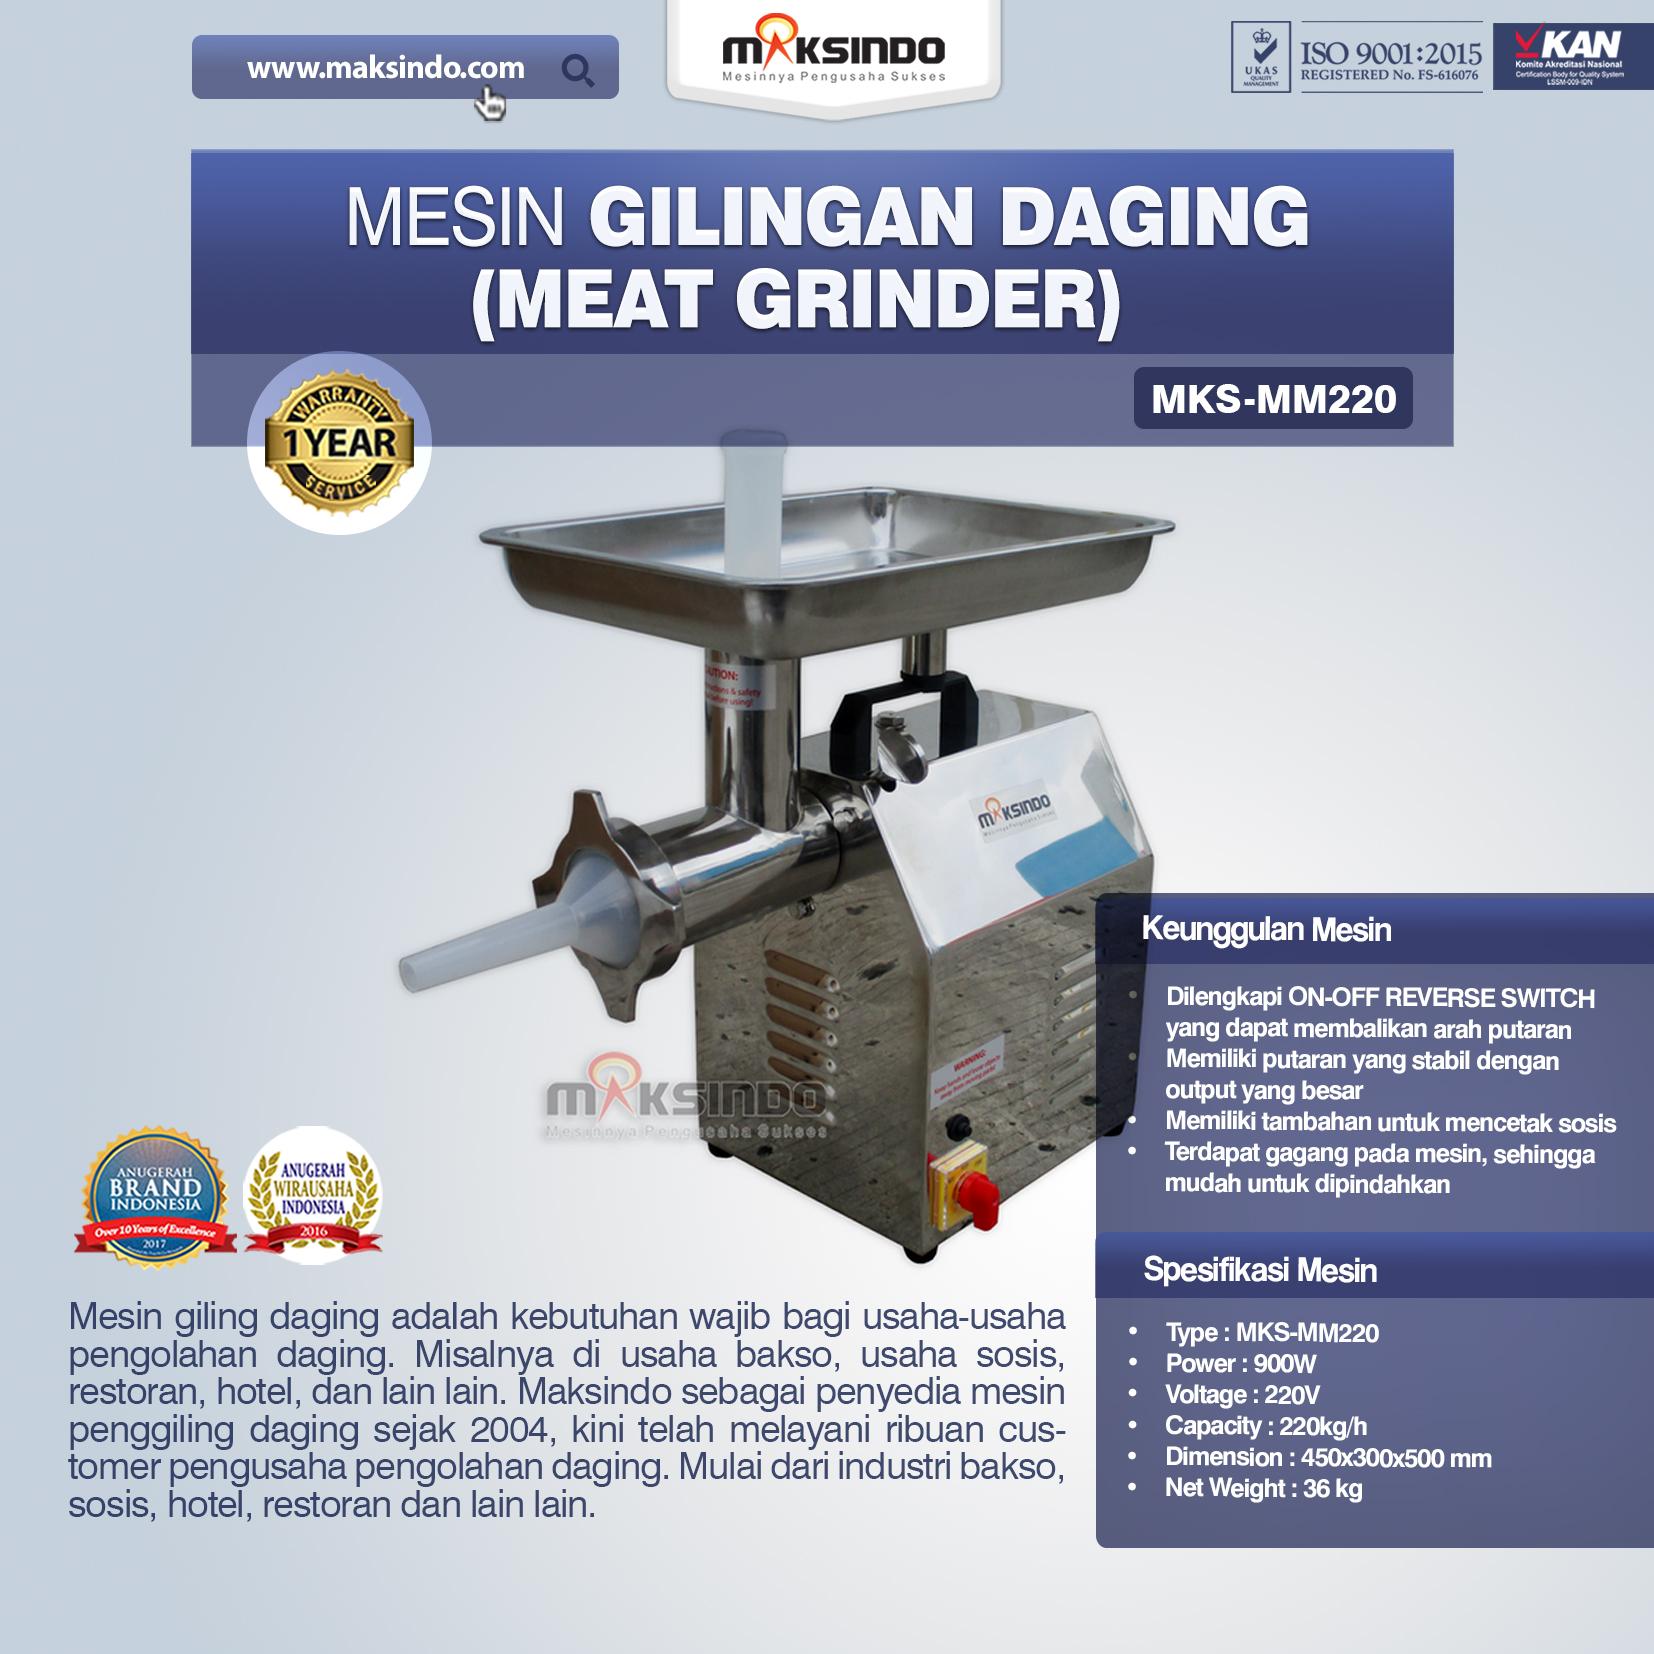 Jual Mesin Giling Daging (Meat Grinder) MKS-MM220 di Semarang